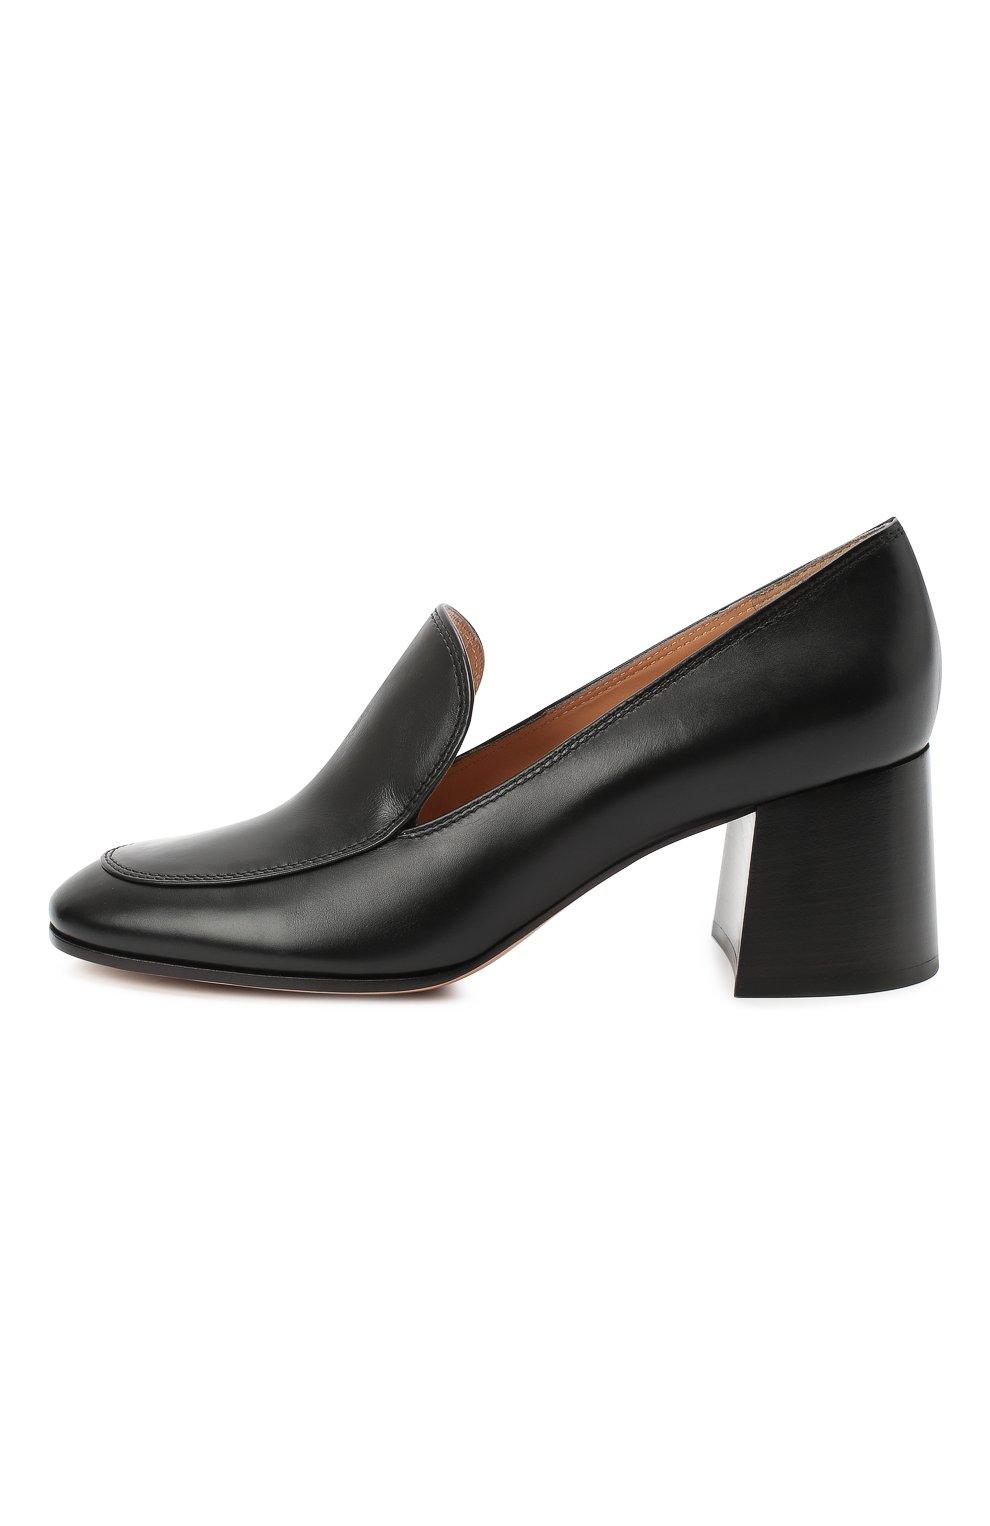 Женские кожаные туфли GIANVITO ROSSI черного цвета, арт. G25187.60CU0.VITNER0 | Фото 3